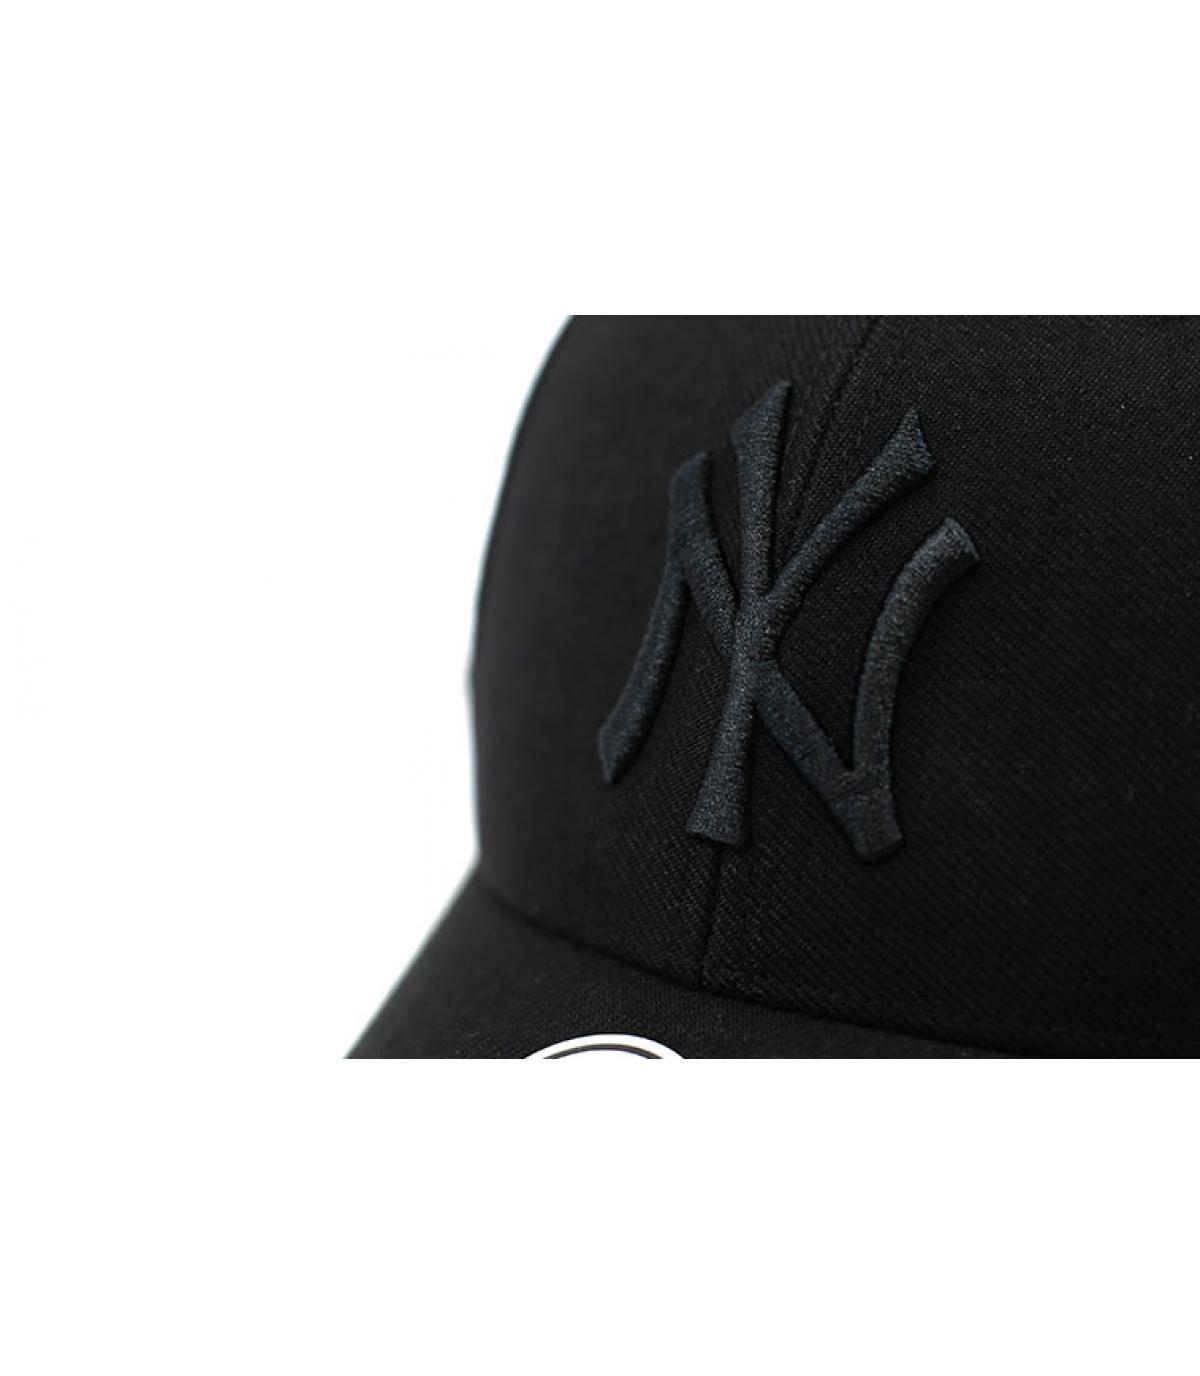 Détails MVP NY snapback all black - image 3